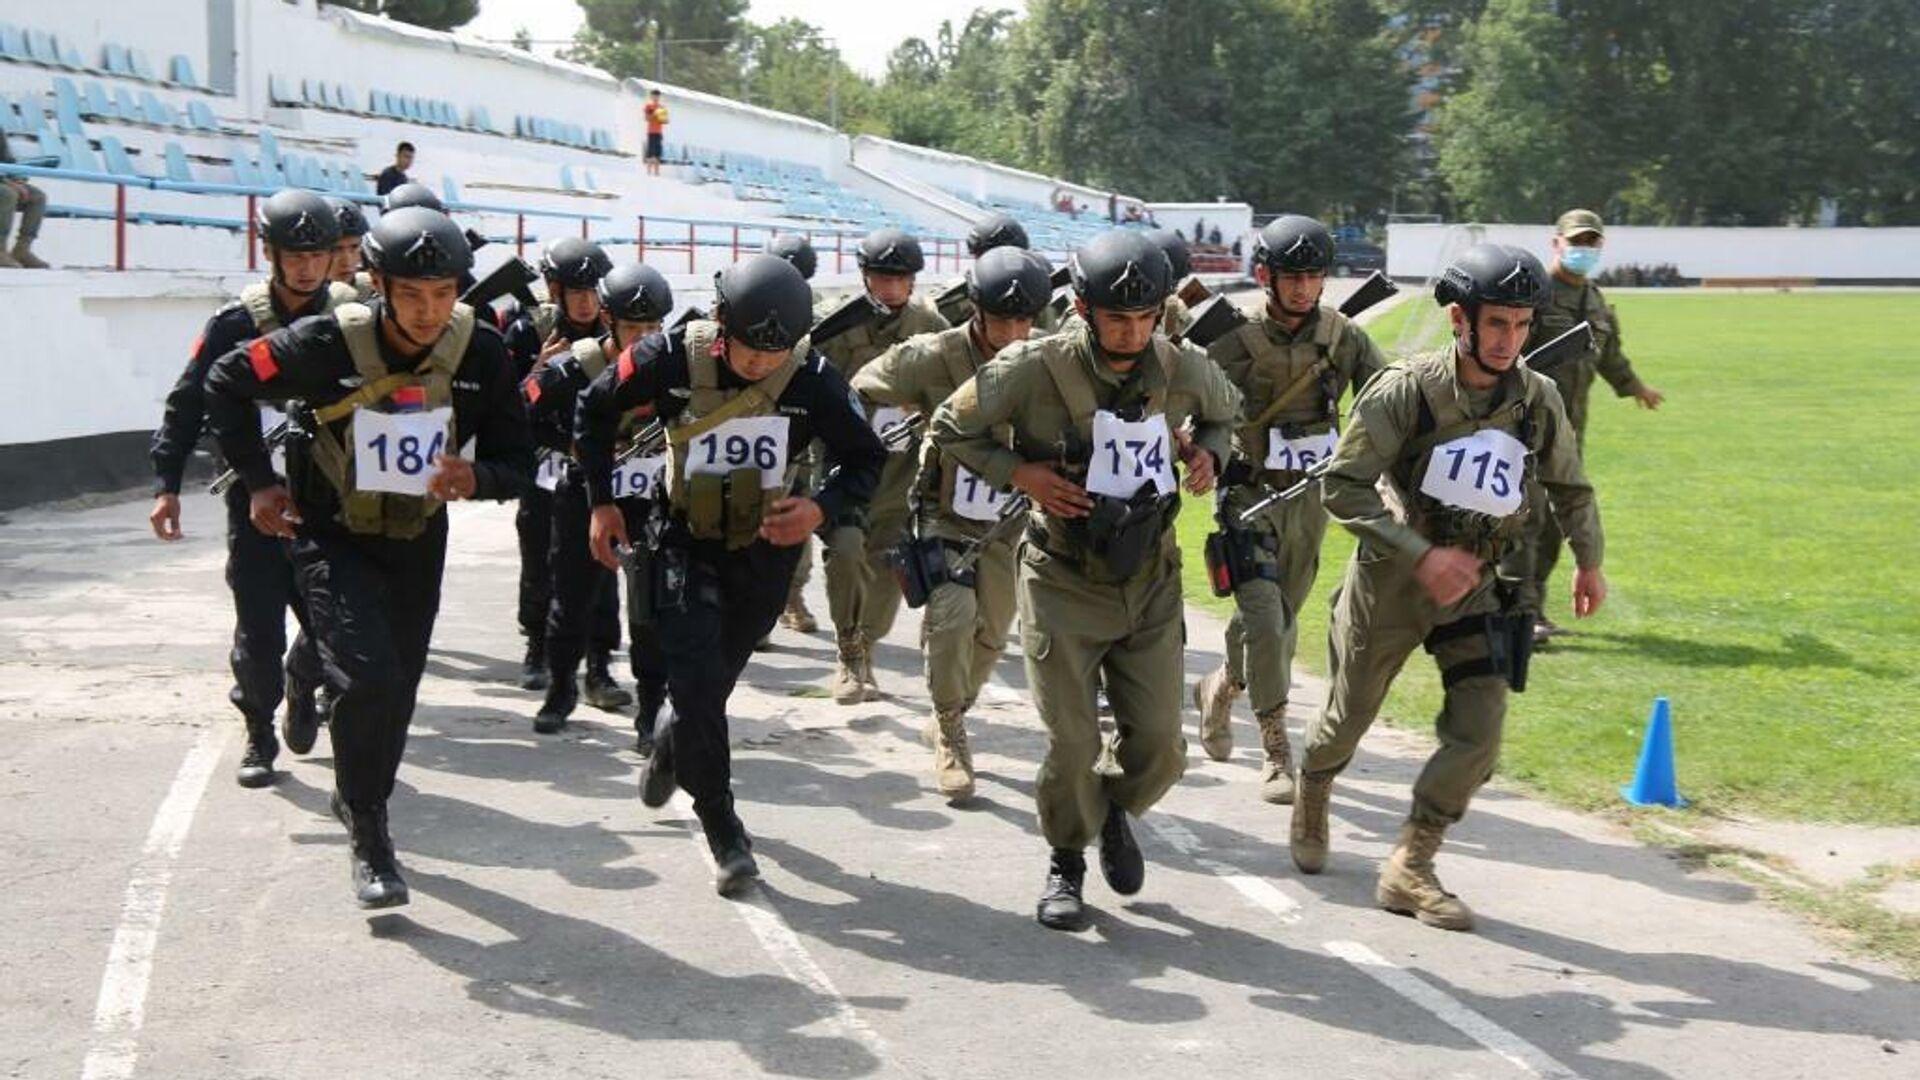 Проведение совместных тактических учений между подразделениями специального назначения Таджикистана и Китая - Sputnik Таджикистан, 1920, 19.08.2021